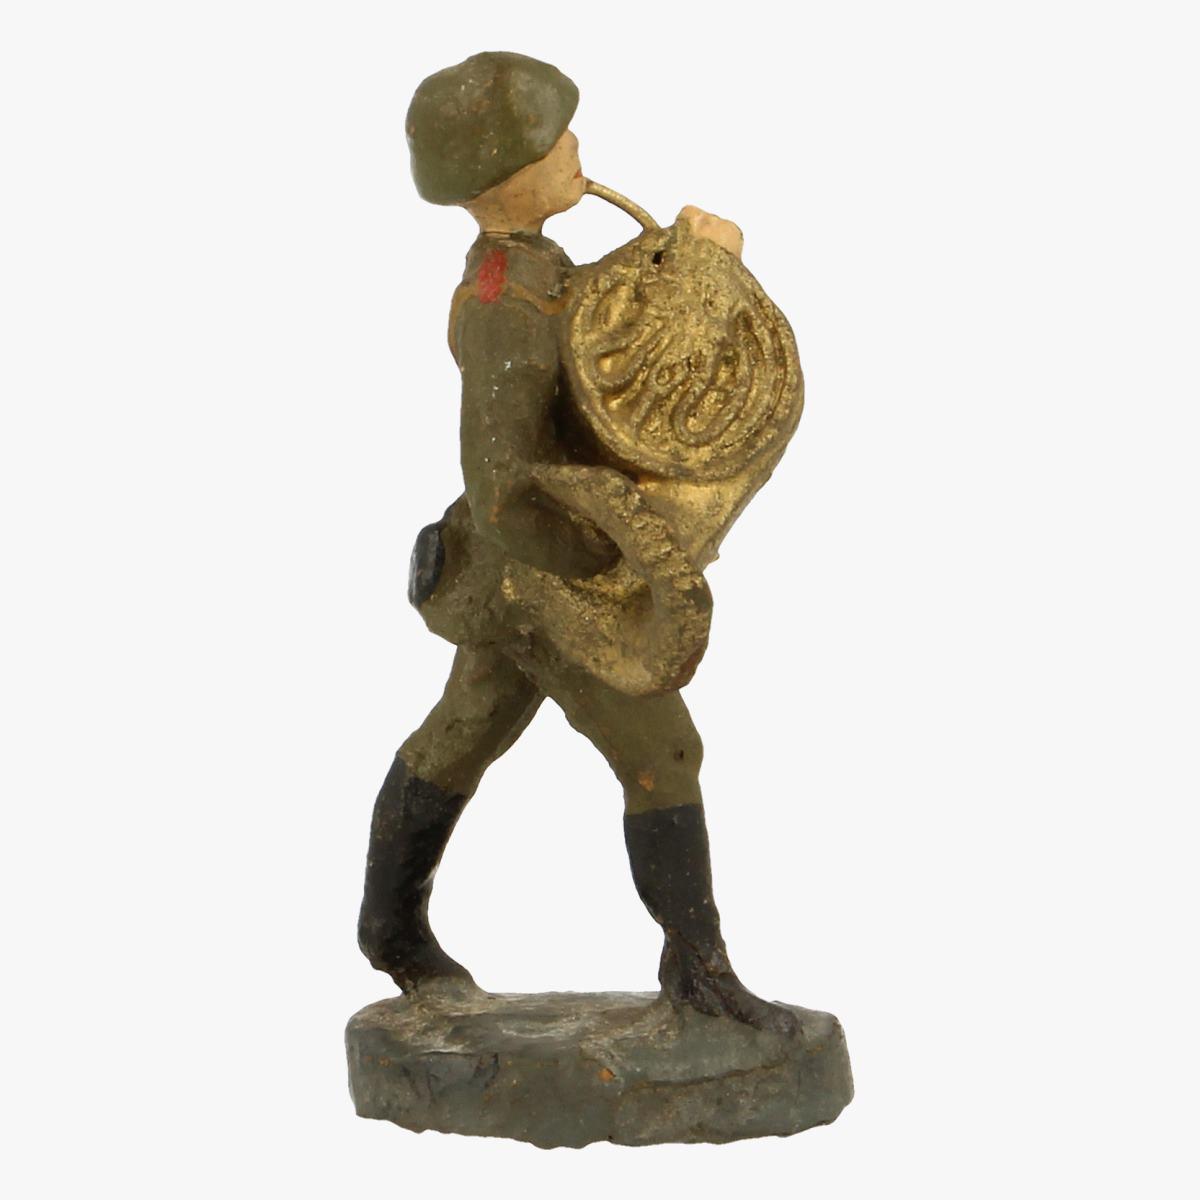 Afbeeldingen van elastolin soldaatje durolin